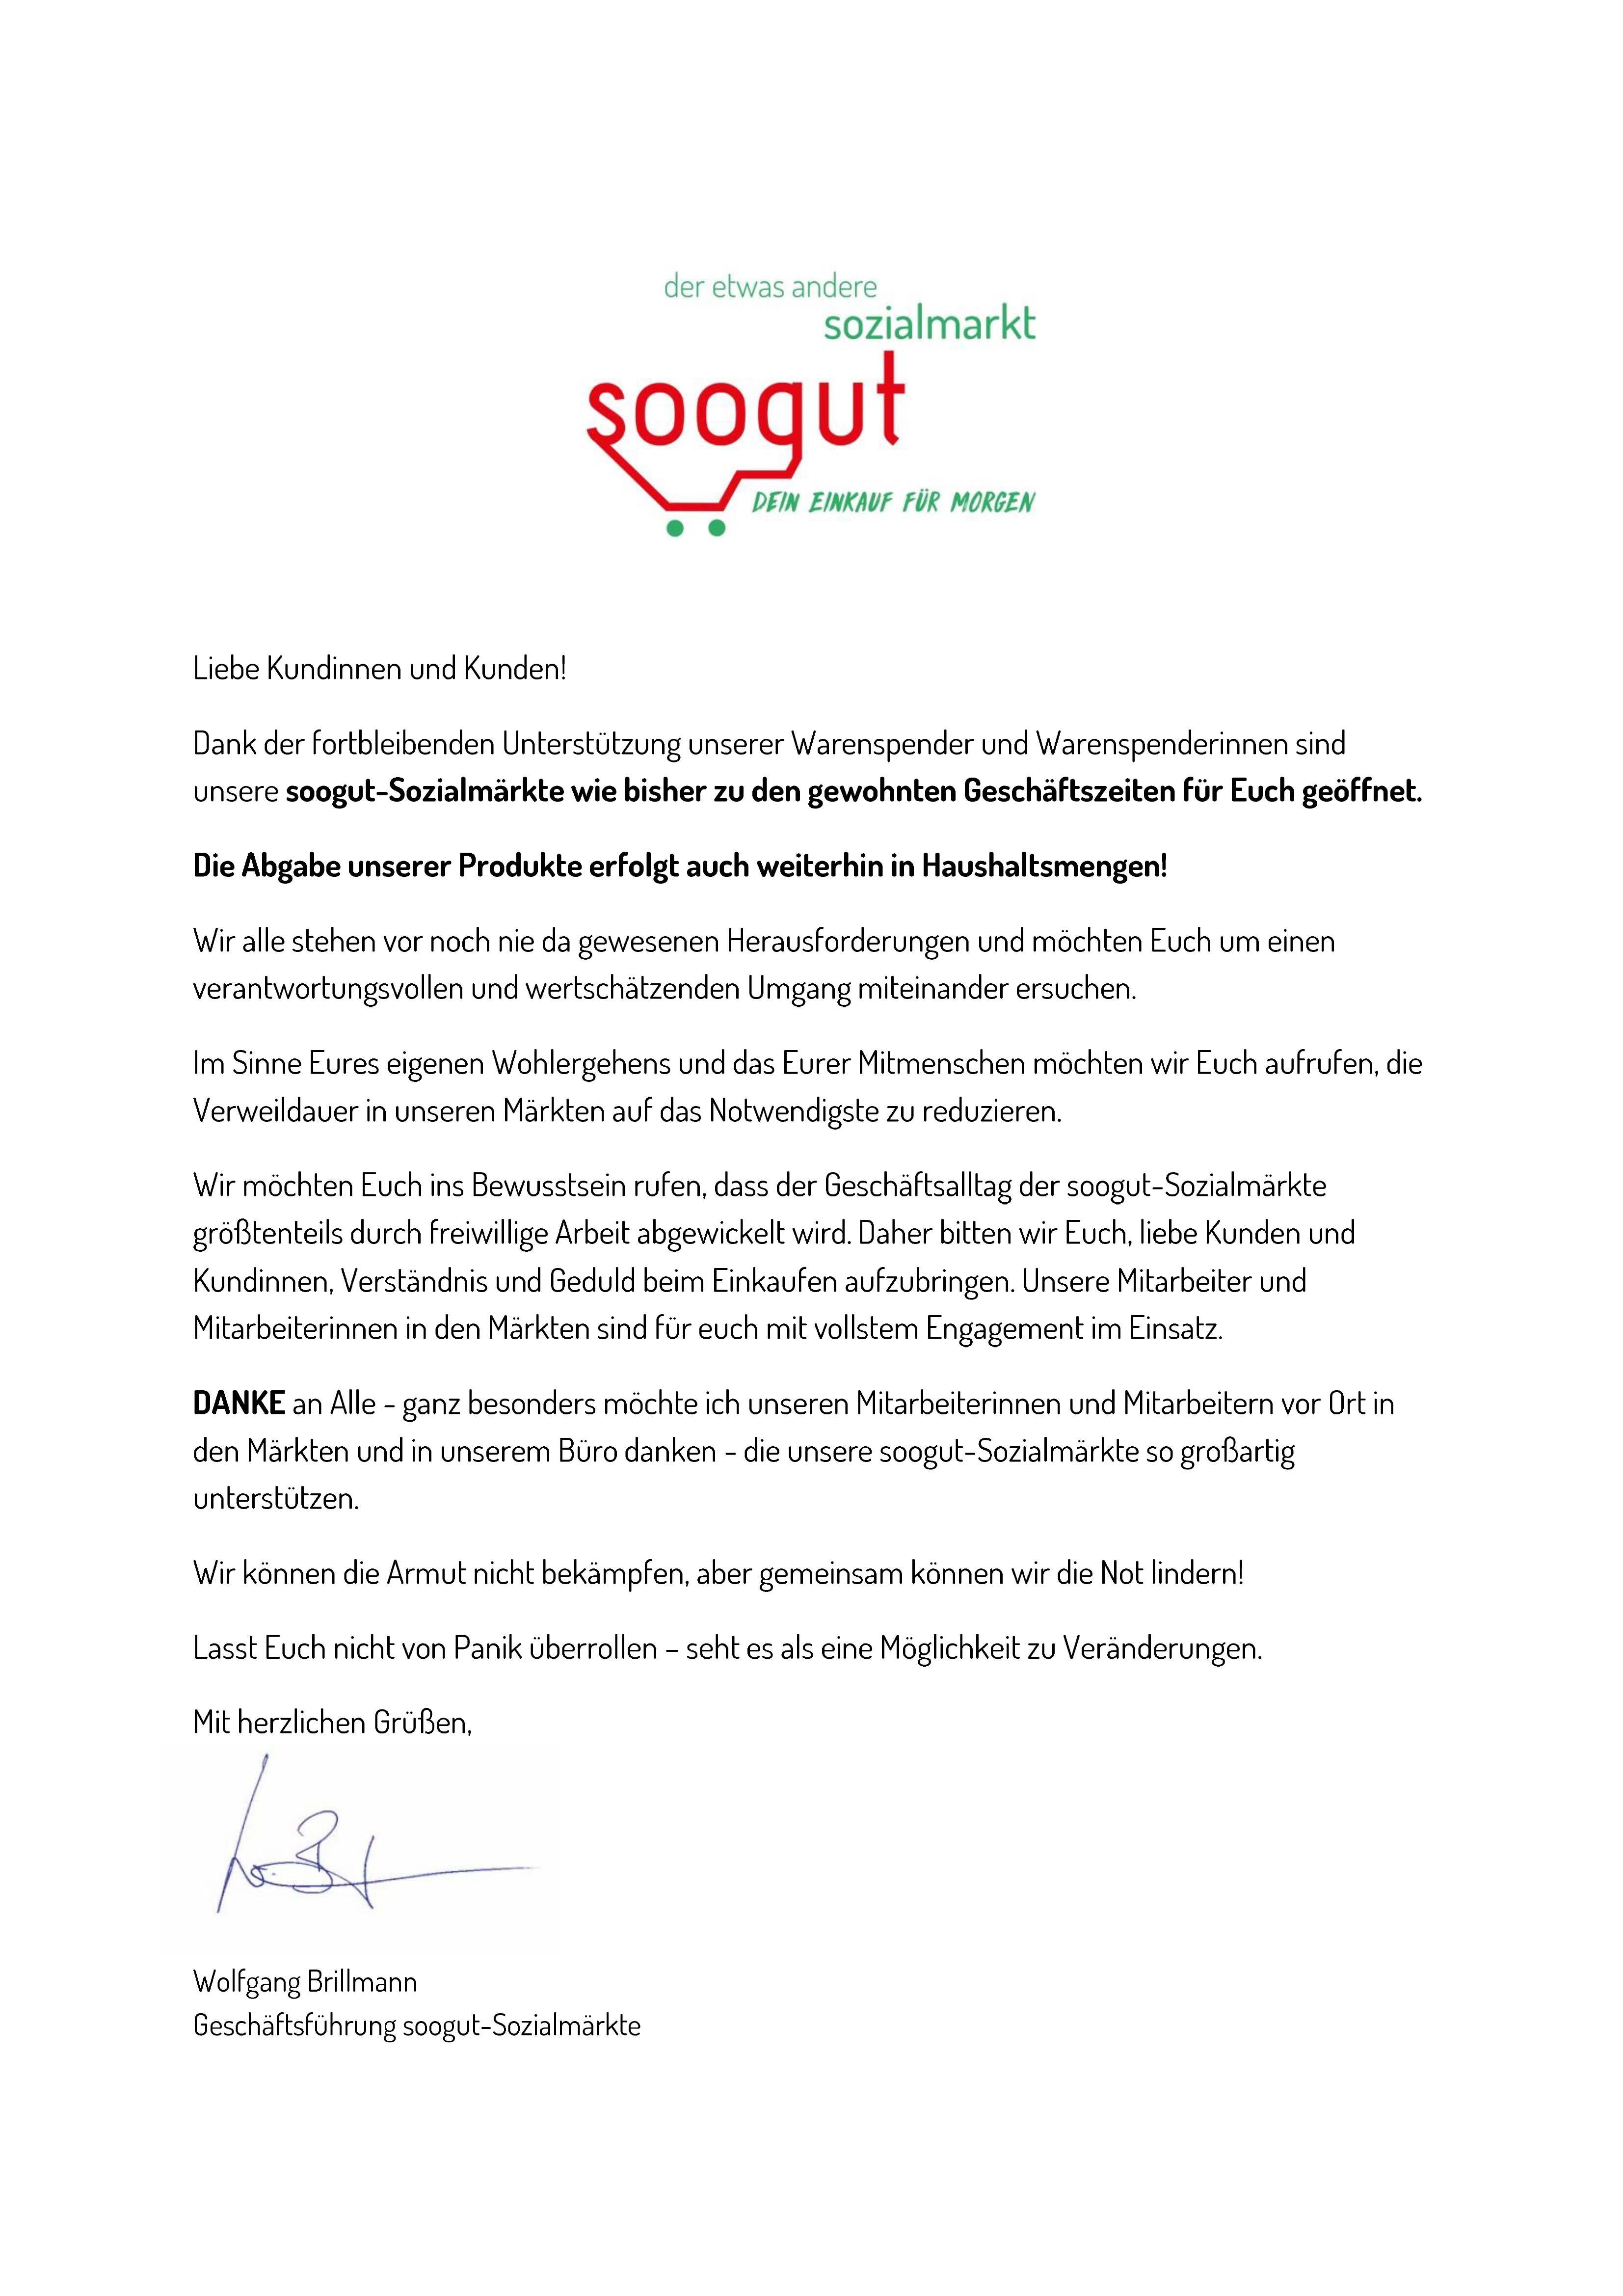 Die soogut-Sozialmärkte bleiben zu den gewohnten Geschäftszeiten geöffnet